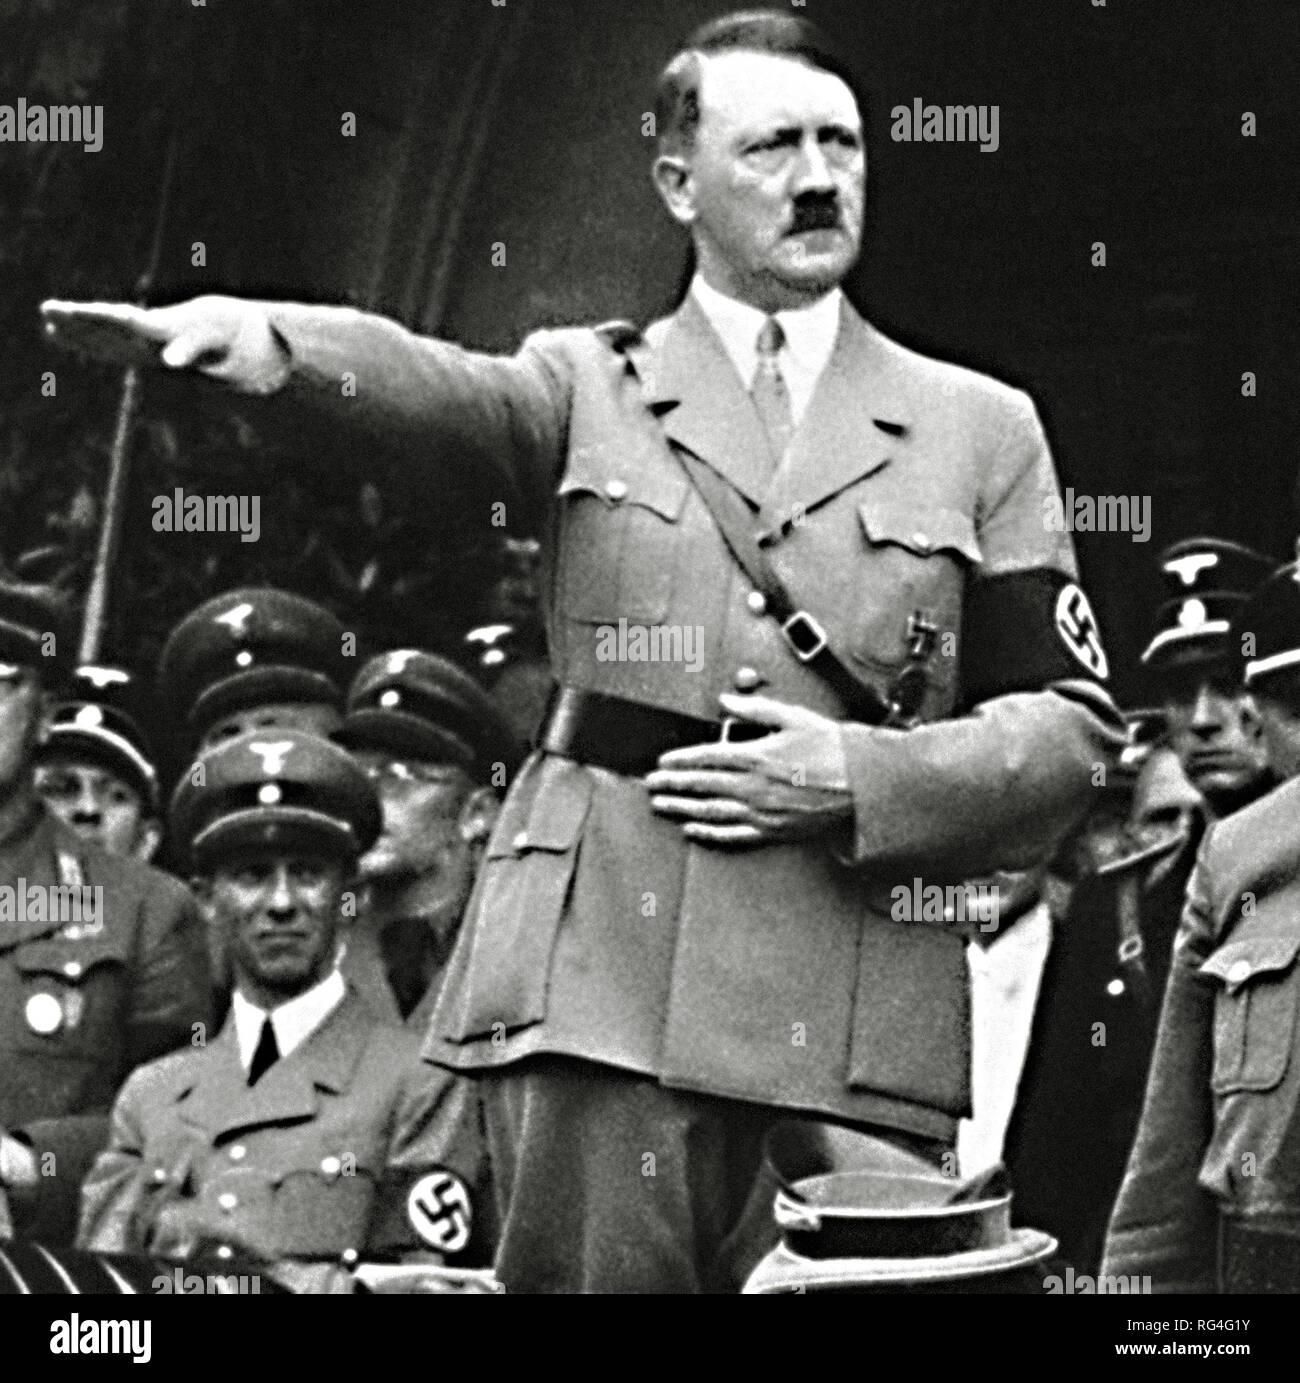 Adolf Hitler dans son infâme salute poser. À partir de l'image numérisée dans les archives de presse - Service Portrait Portrait Presse (anciennement Bureau). Photo Stock